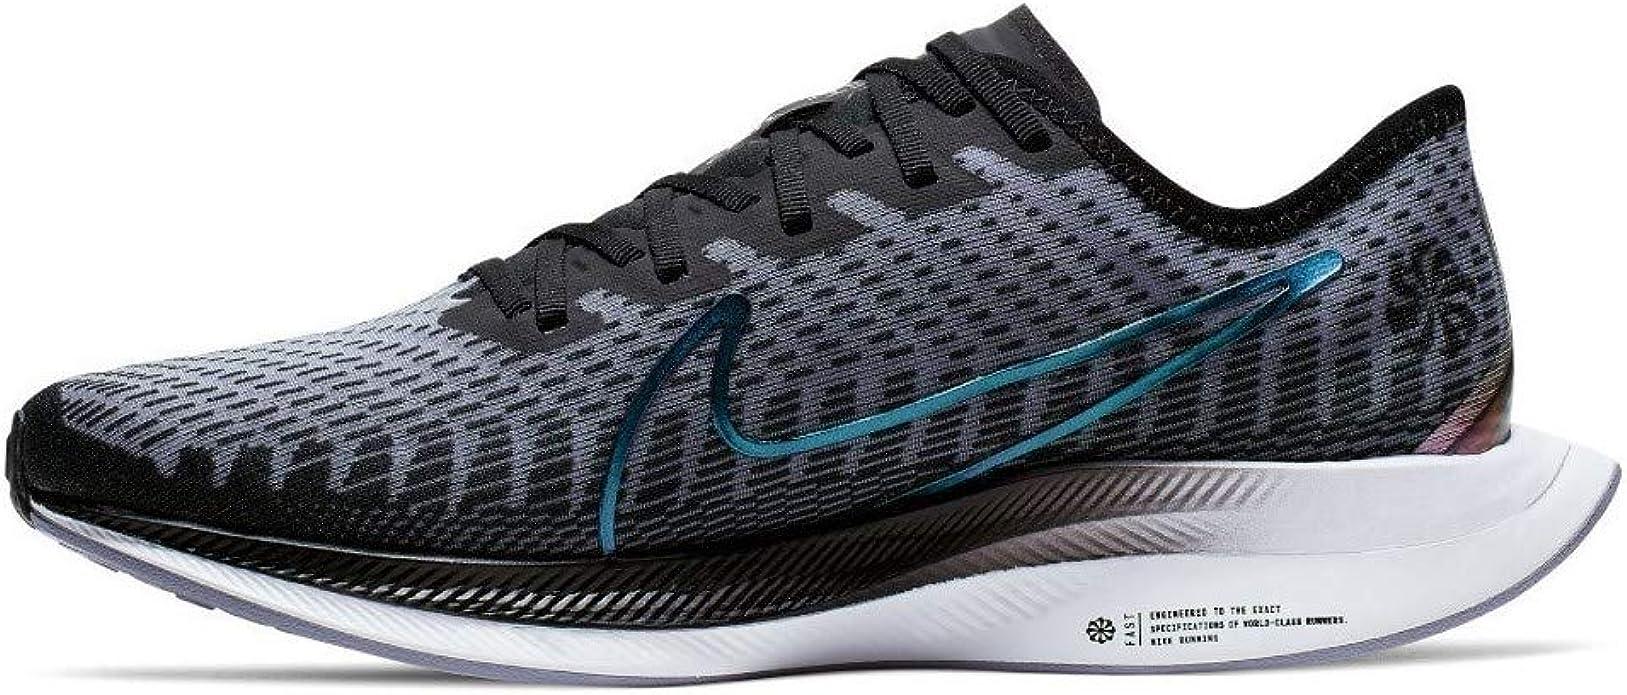 Nike W Zoom Pegasus Turbo 2 Rise Mujeres Bv1134-001